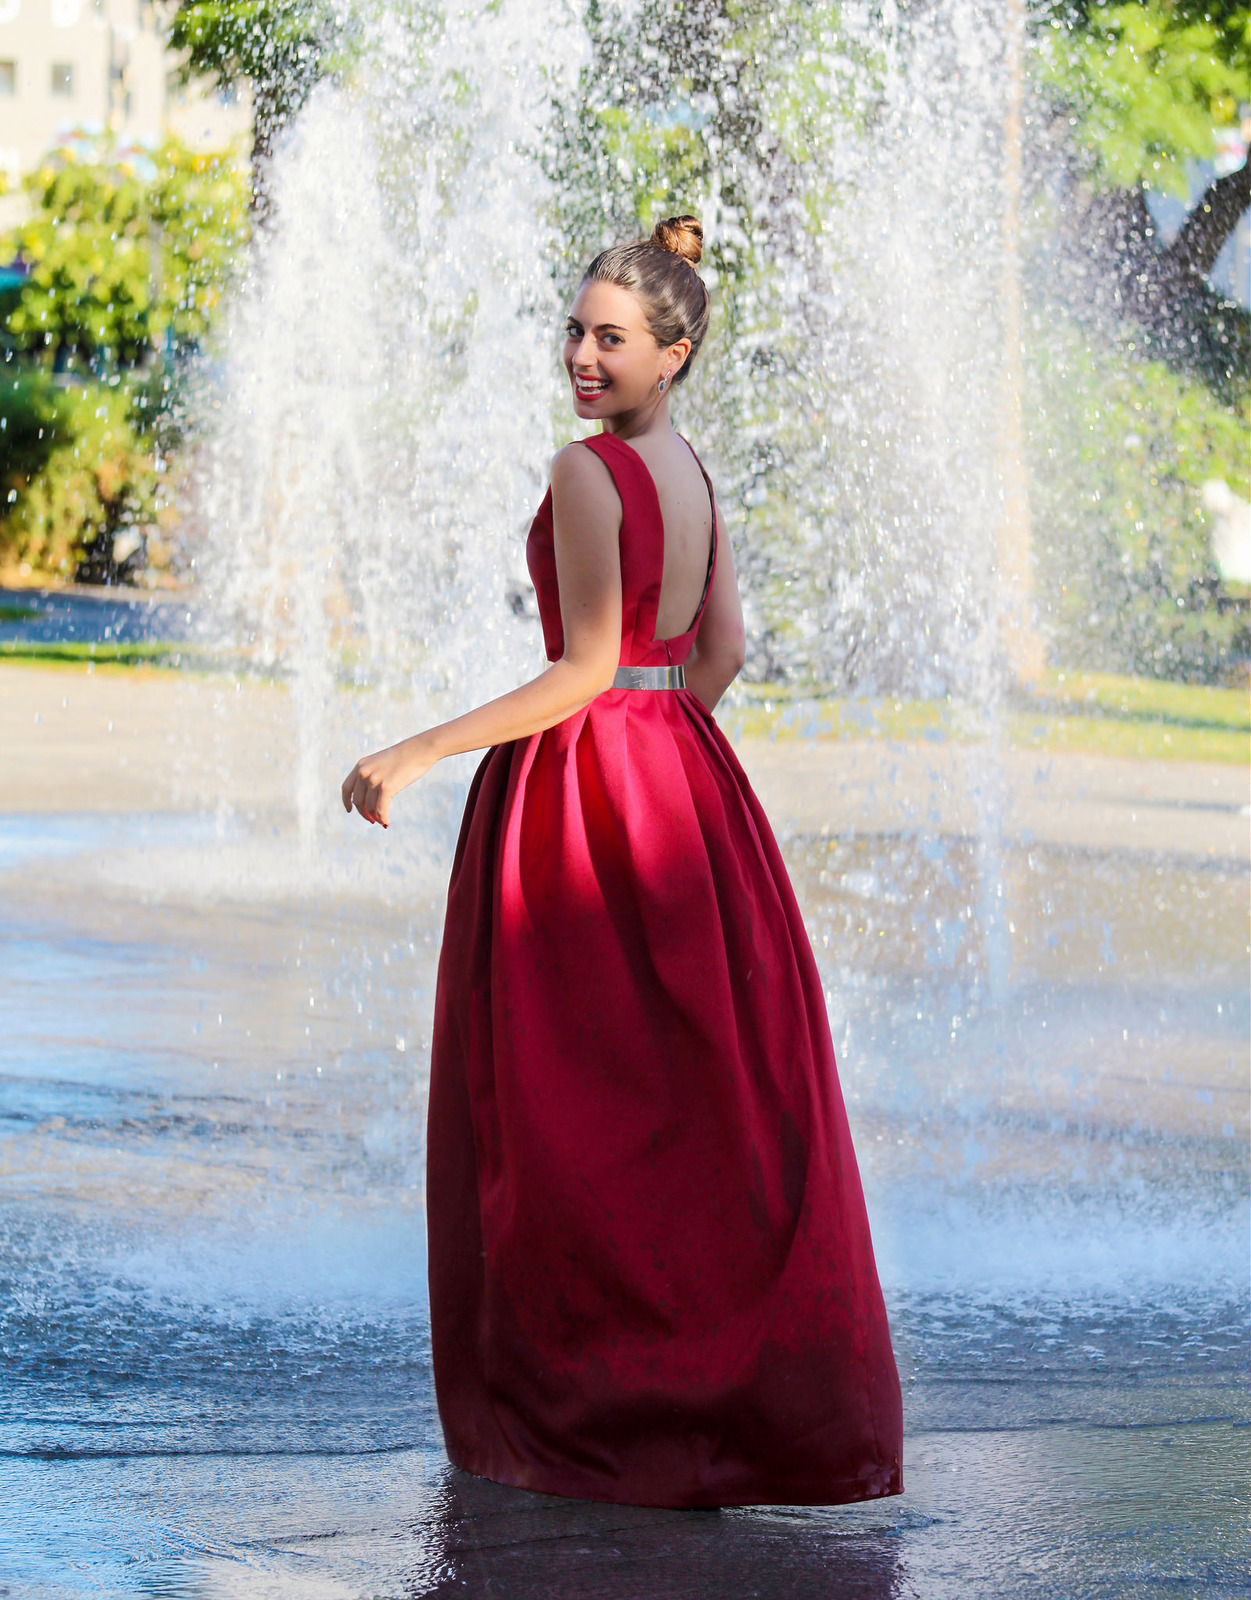 Vestido Fiesta Elegante Largo Rojo Valentino Modelo Silvia